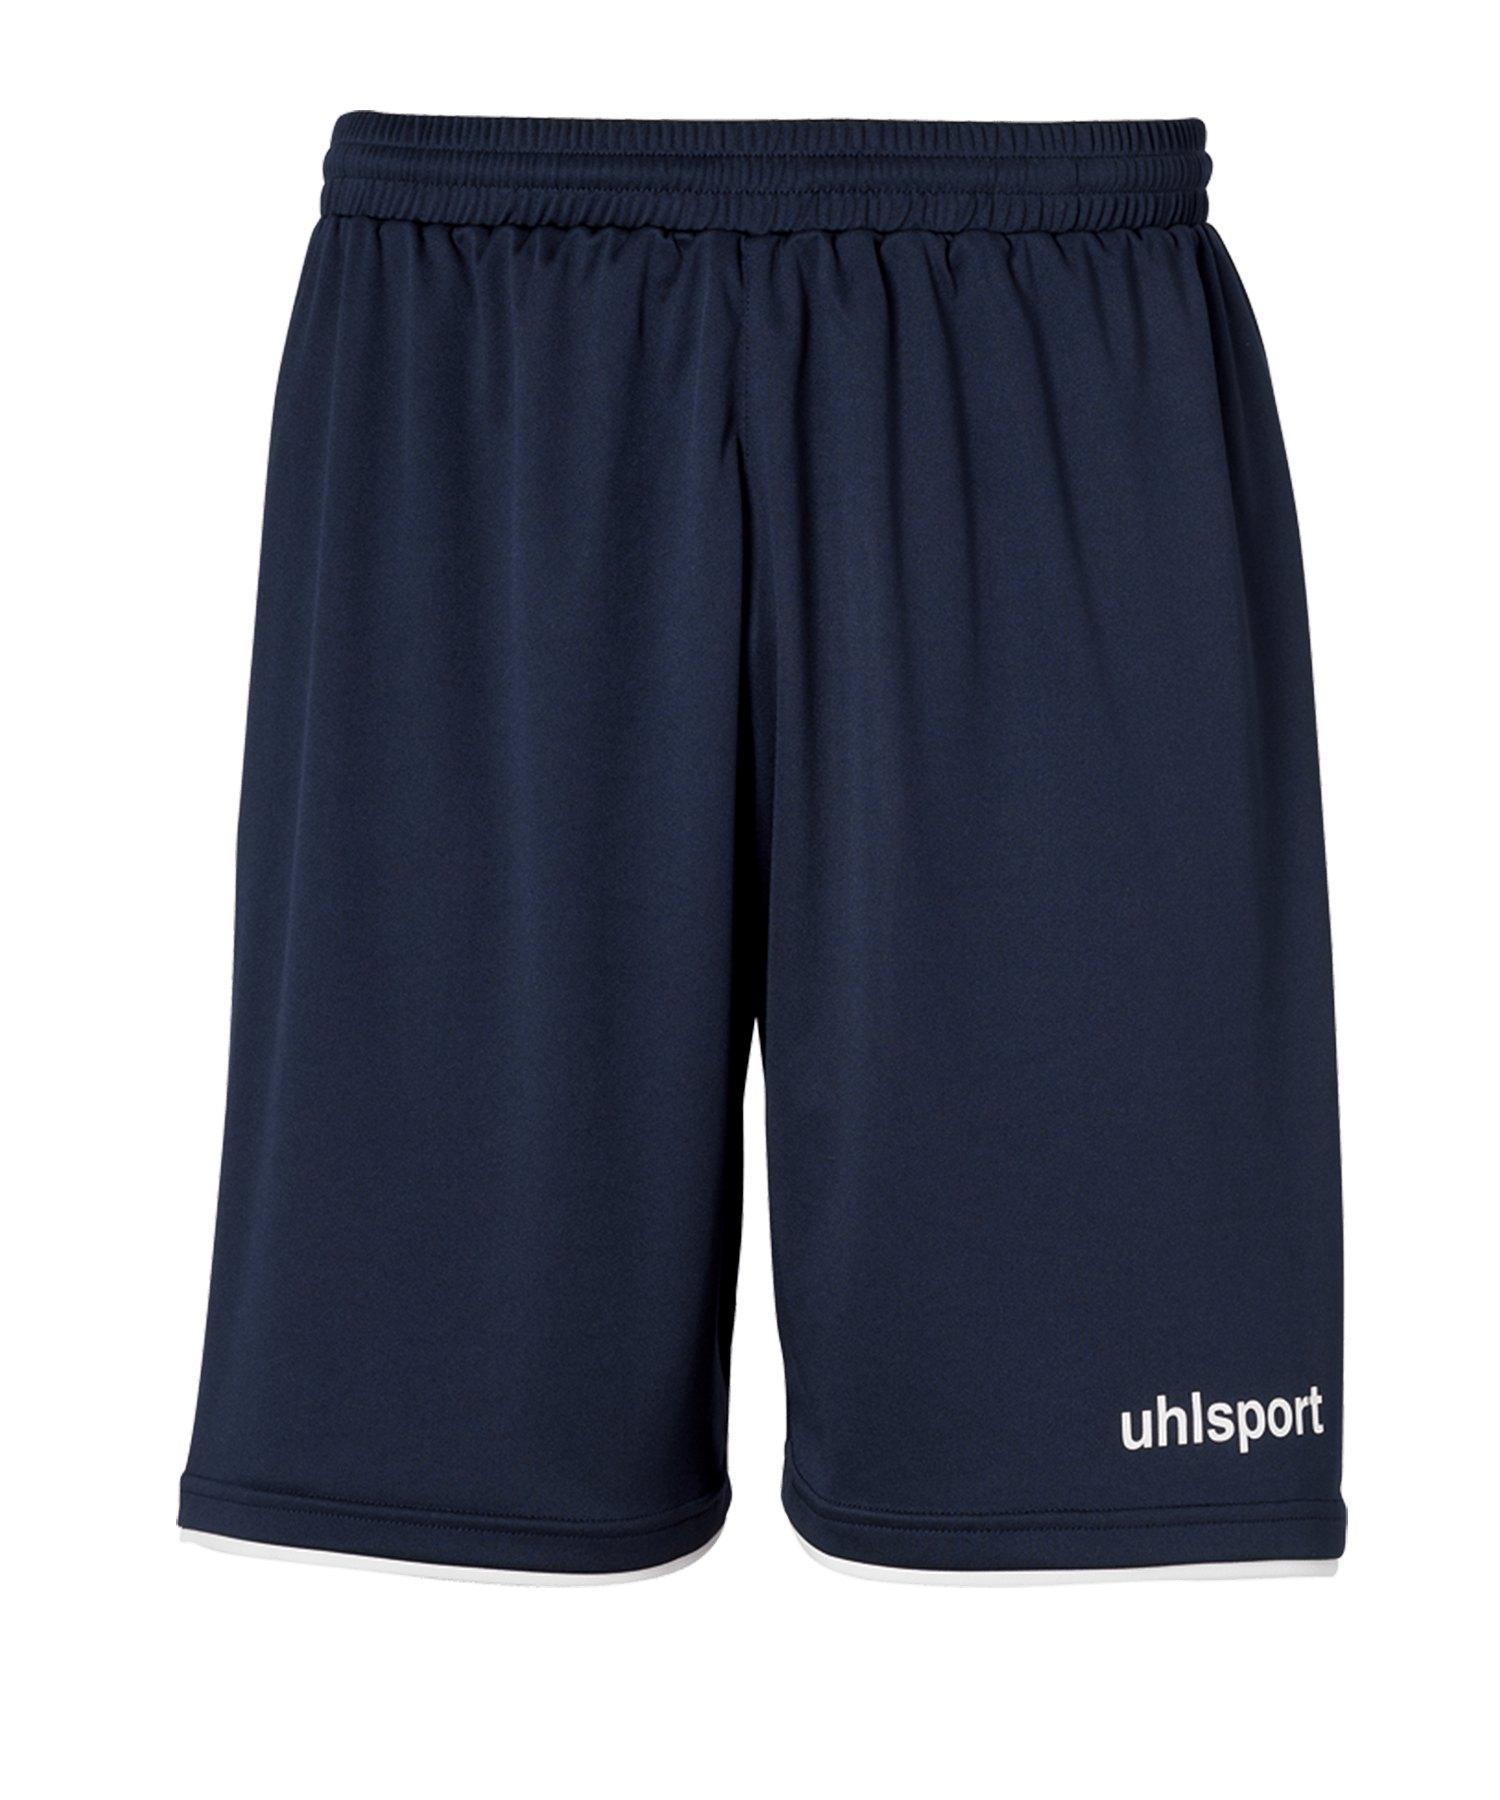 Uhlsport Club Short Blau F10 - blau